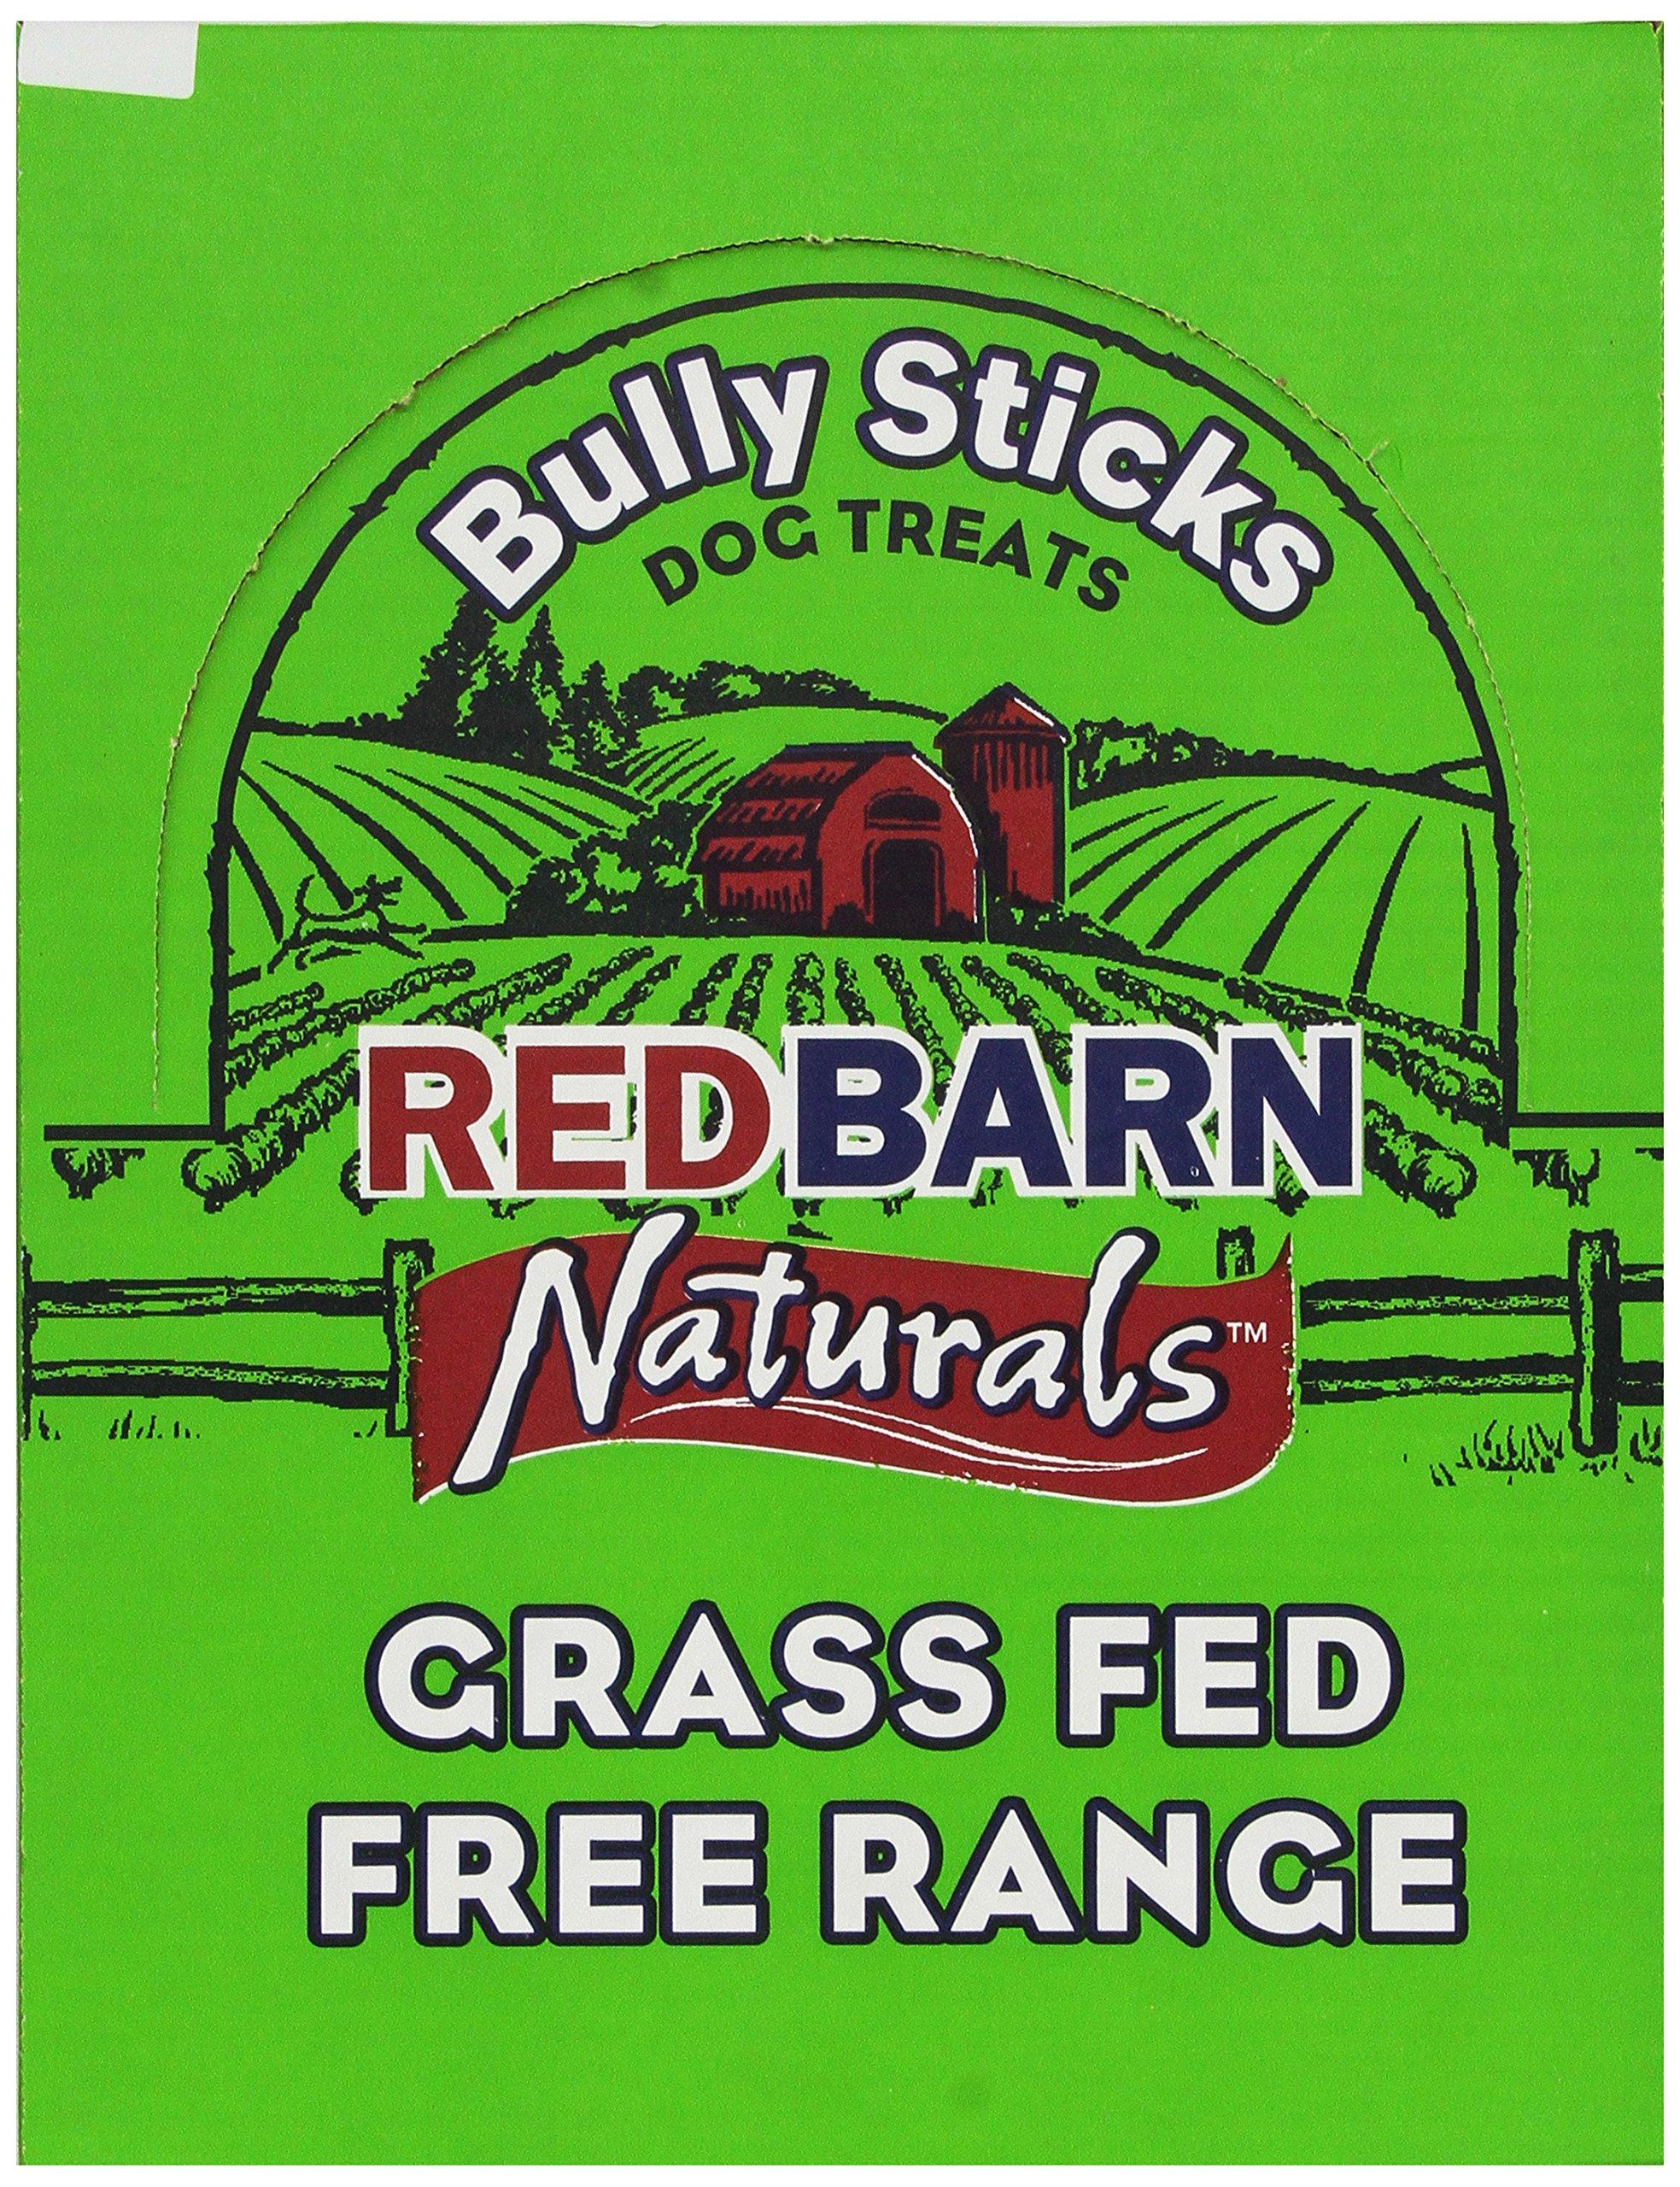 Redbarn Naturals Bully Springs by REDBARN NATURALS (Image #3)